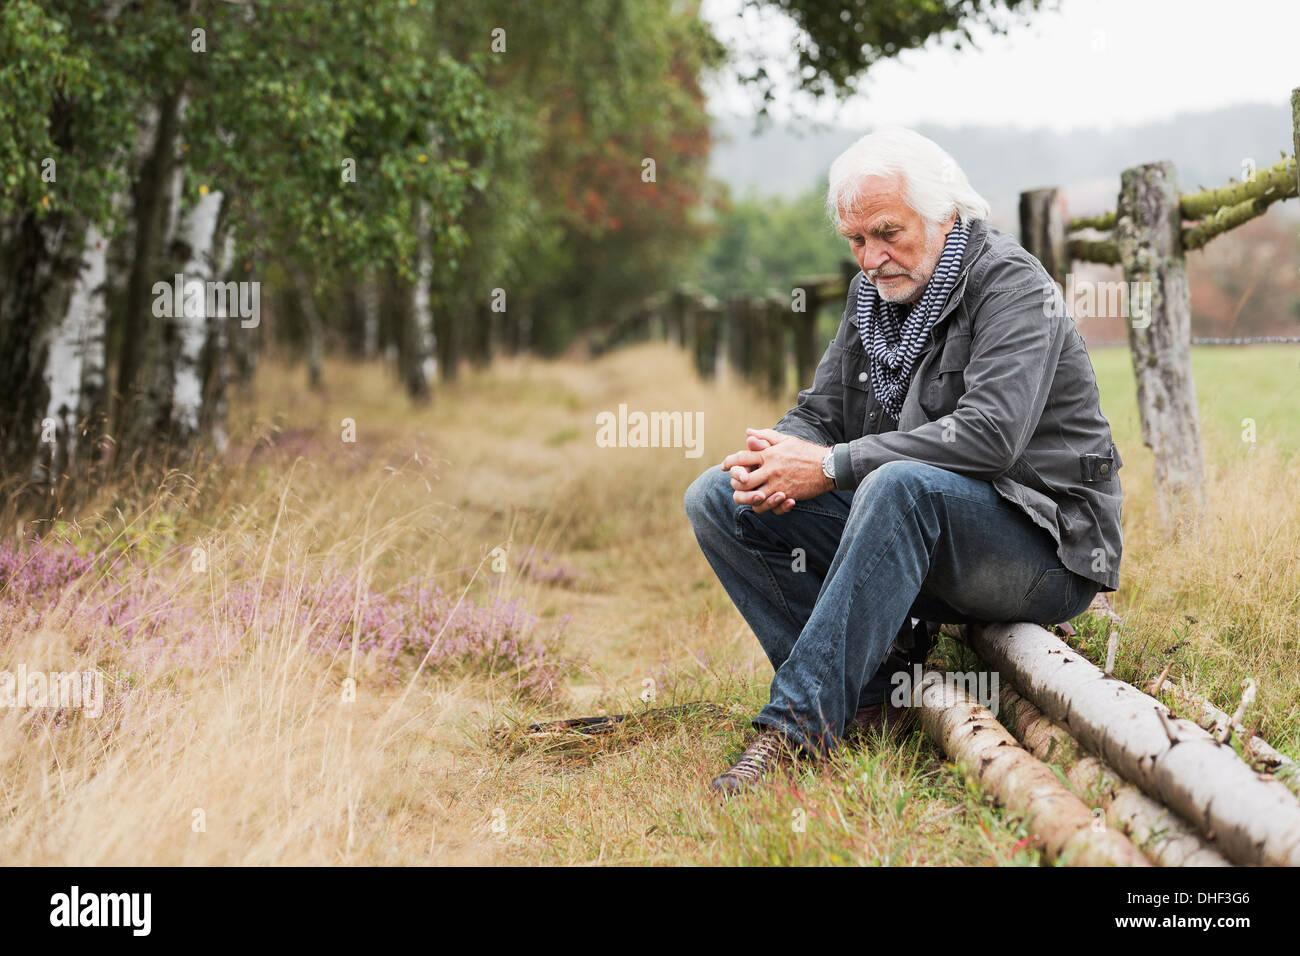 Senior man sitting on log - Stock Image